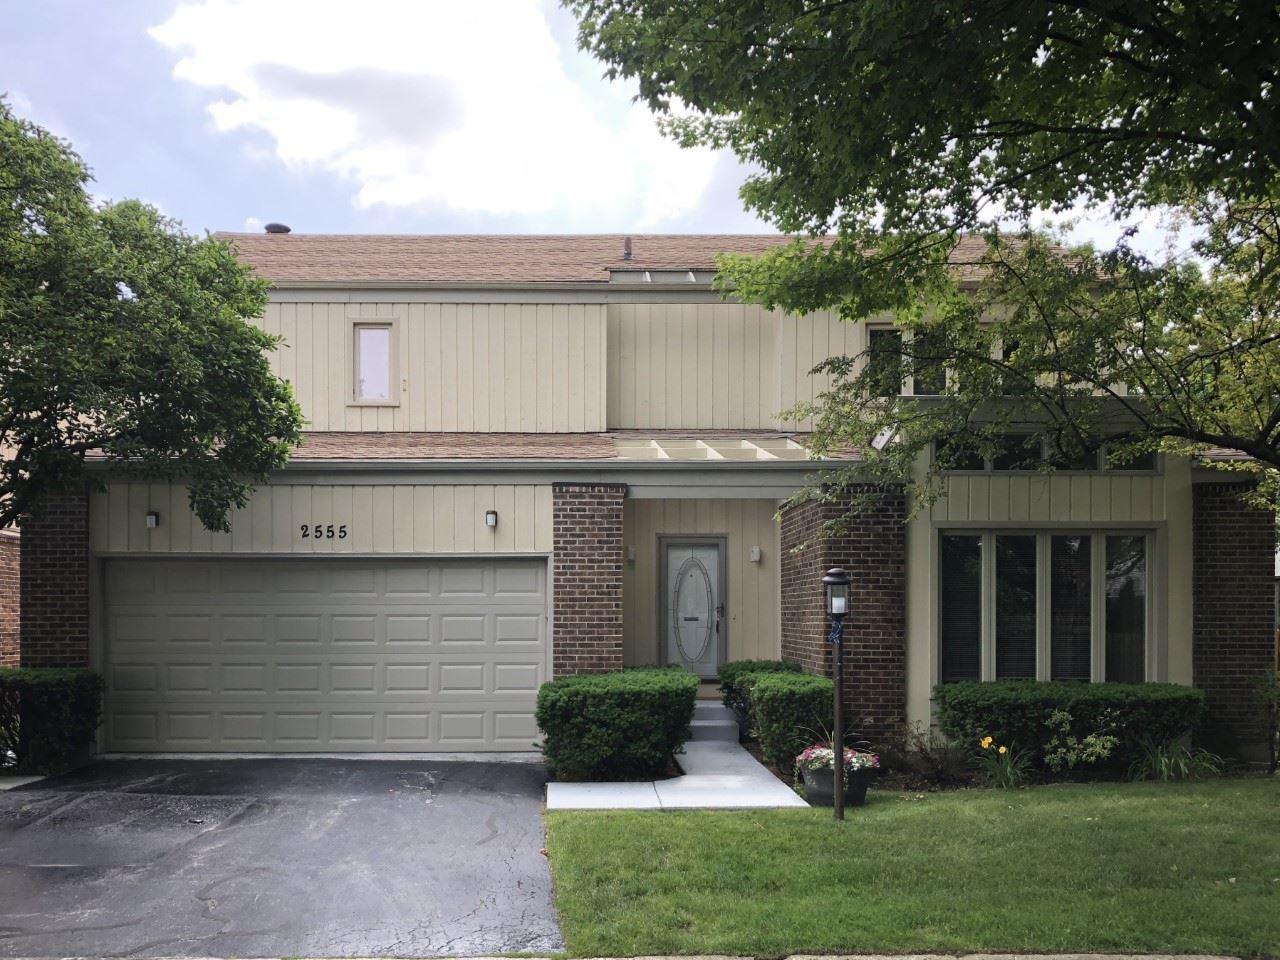 2555 Brian Drive, Northbrook, IL 60062 - #: 10791711